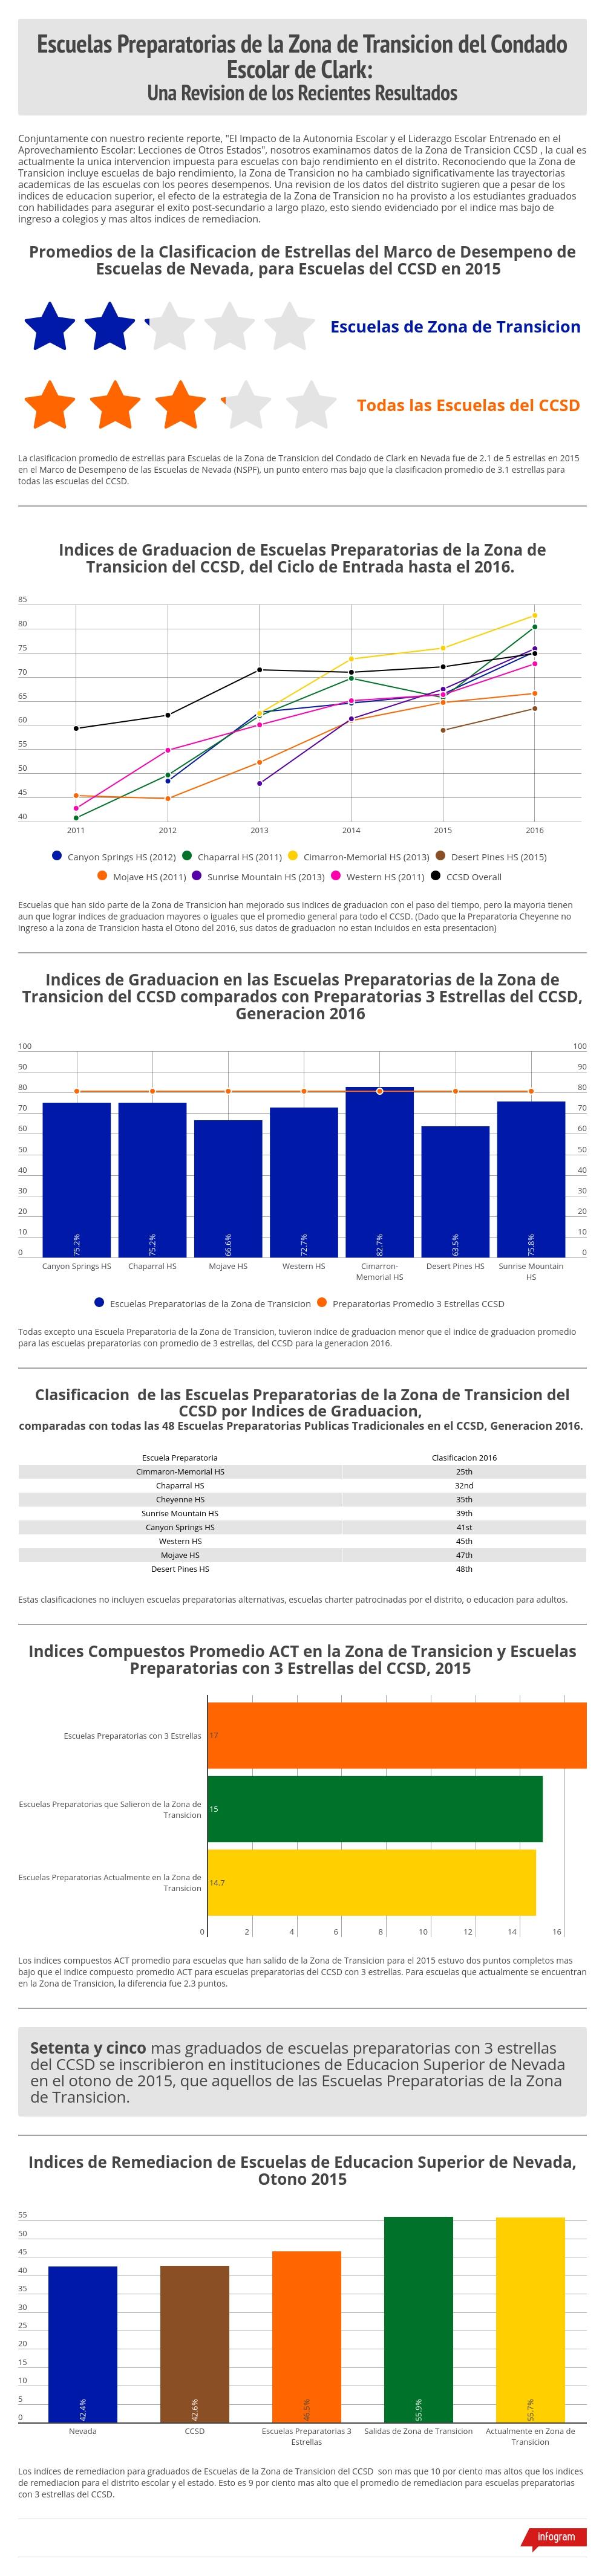 Revision_Resultados_de_Preparatorias_en_Zona_de_Conversion